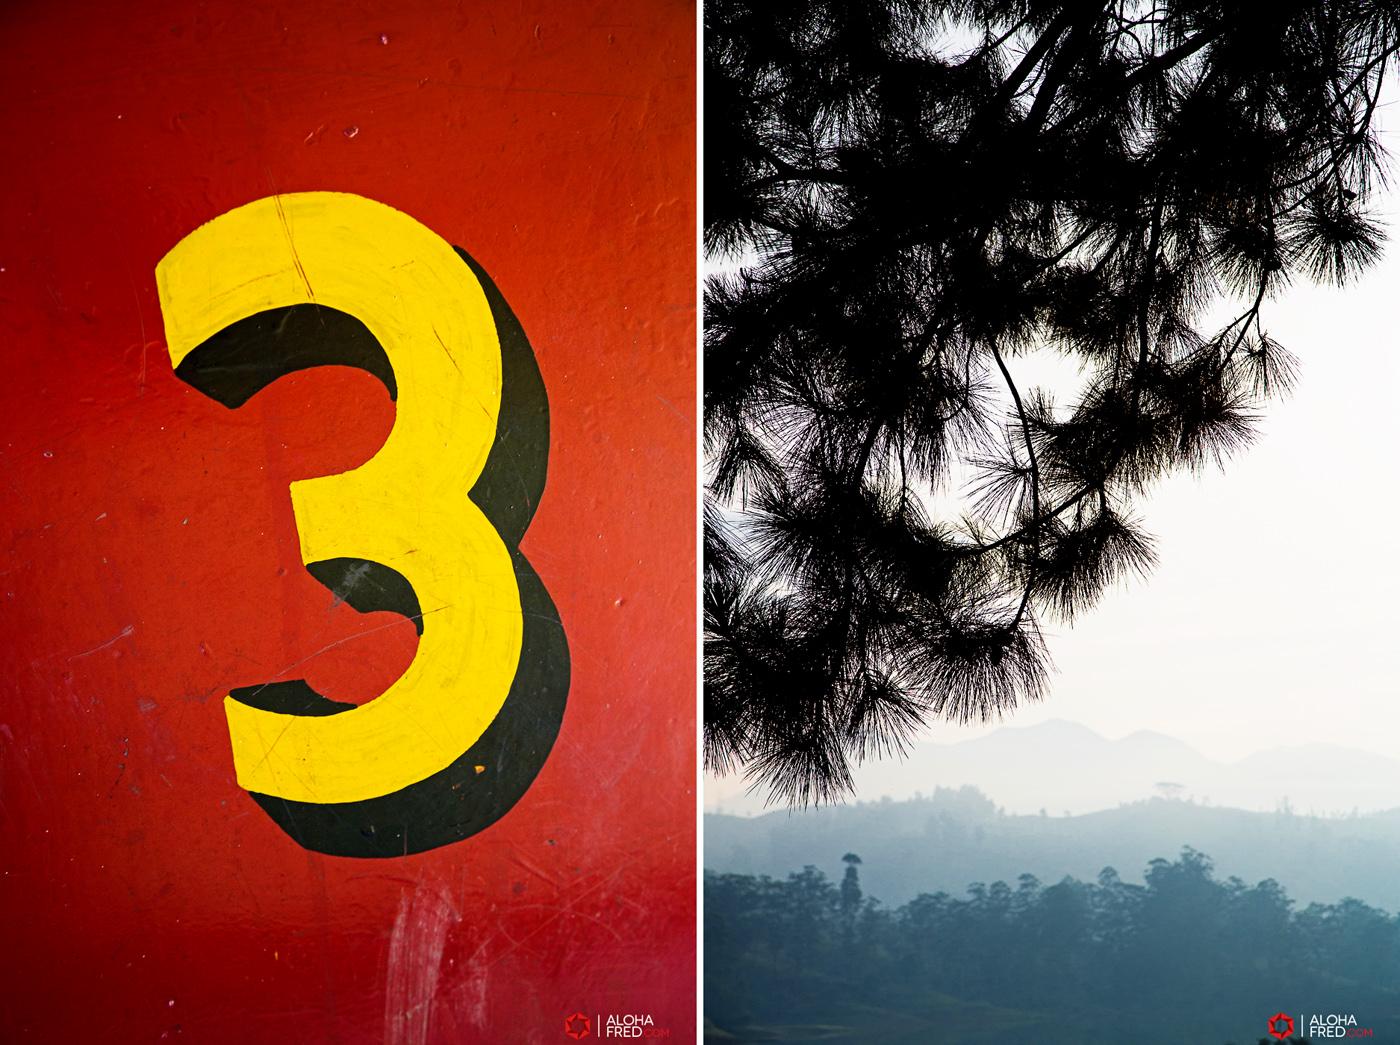 0072 - Sri Lanka - CP1A7365